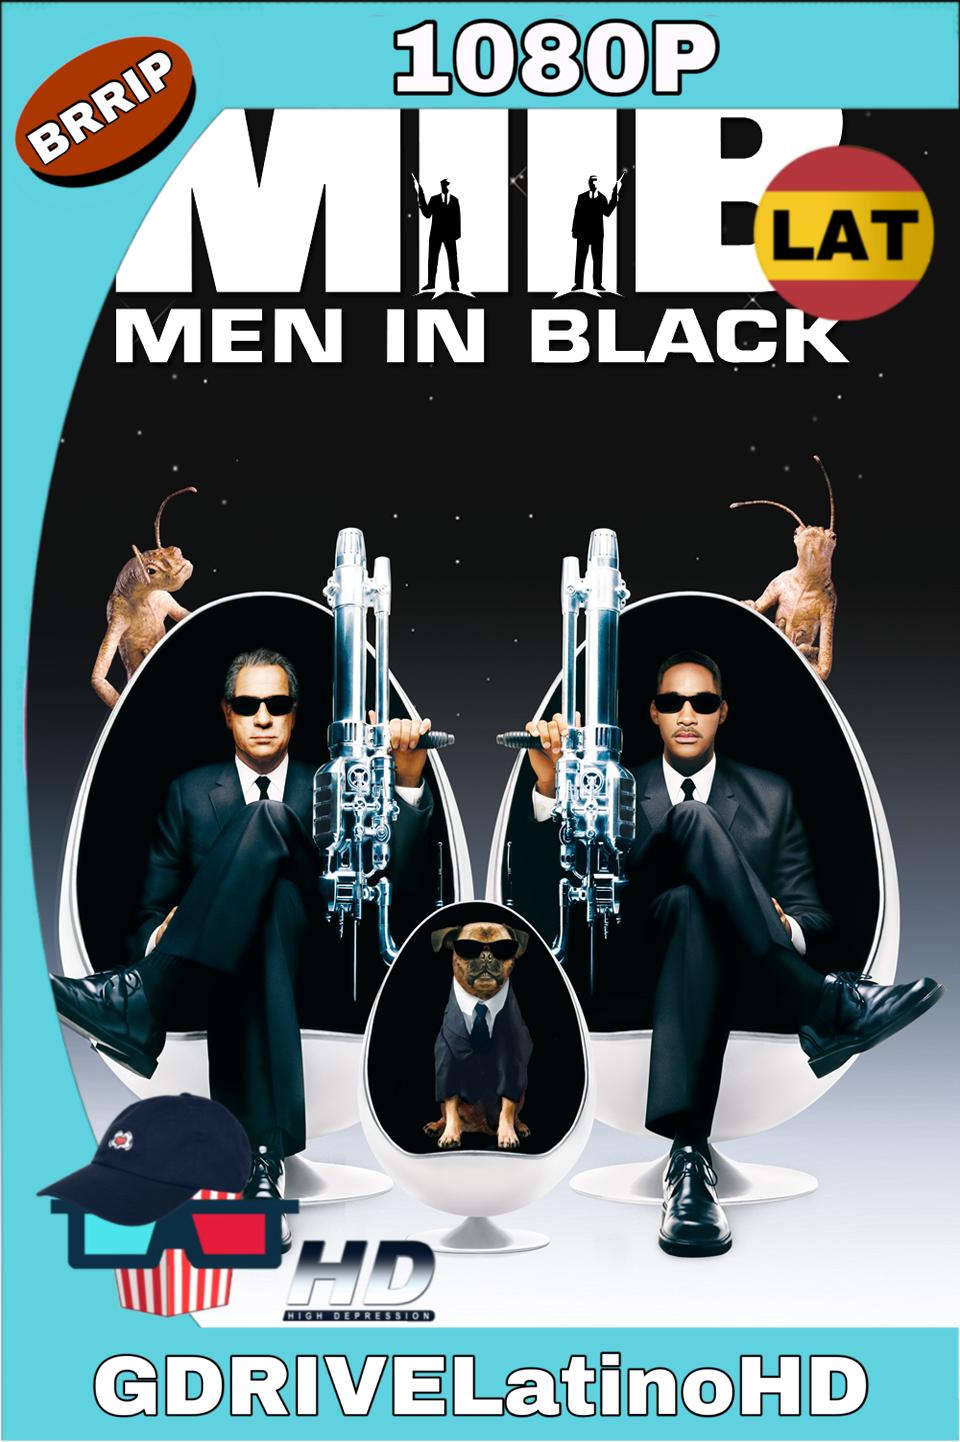 MEN IN BLACK II [2002][MKV][1080P][LATINO][G.DRIVE+] MKV